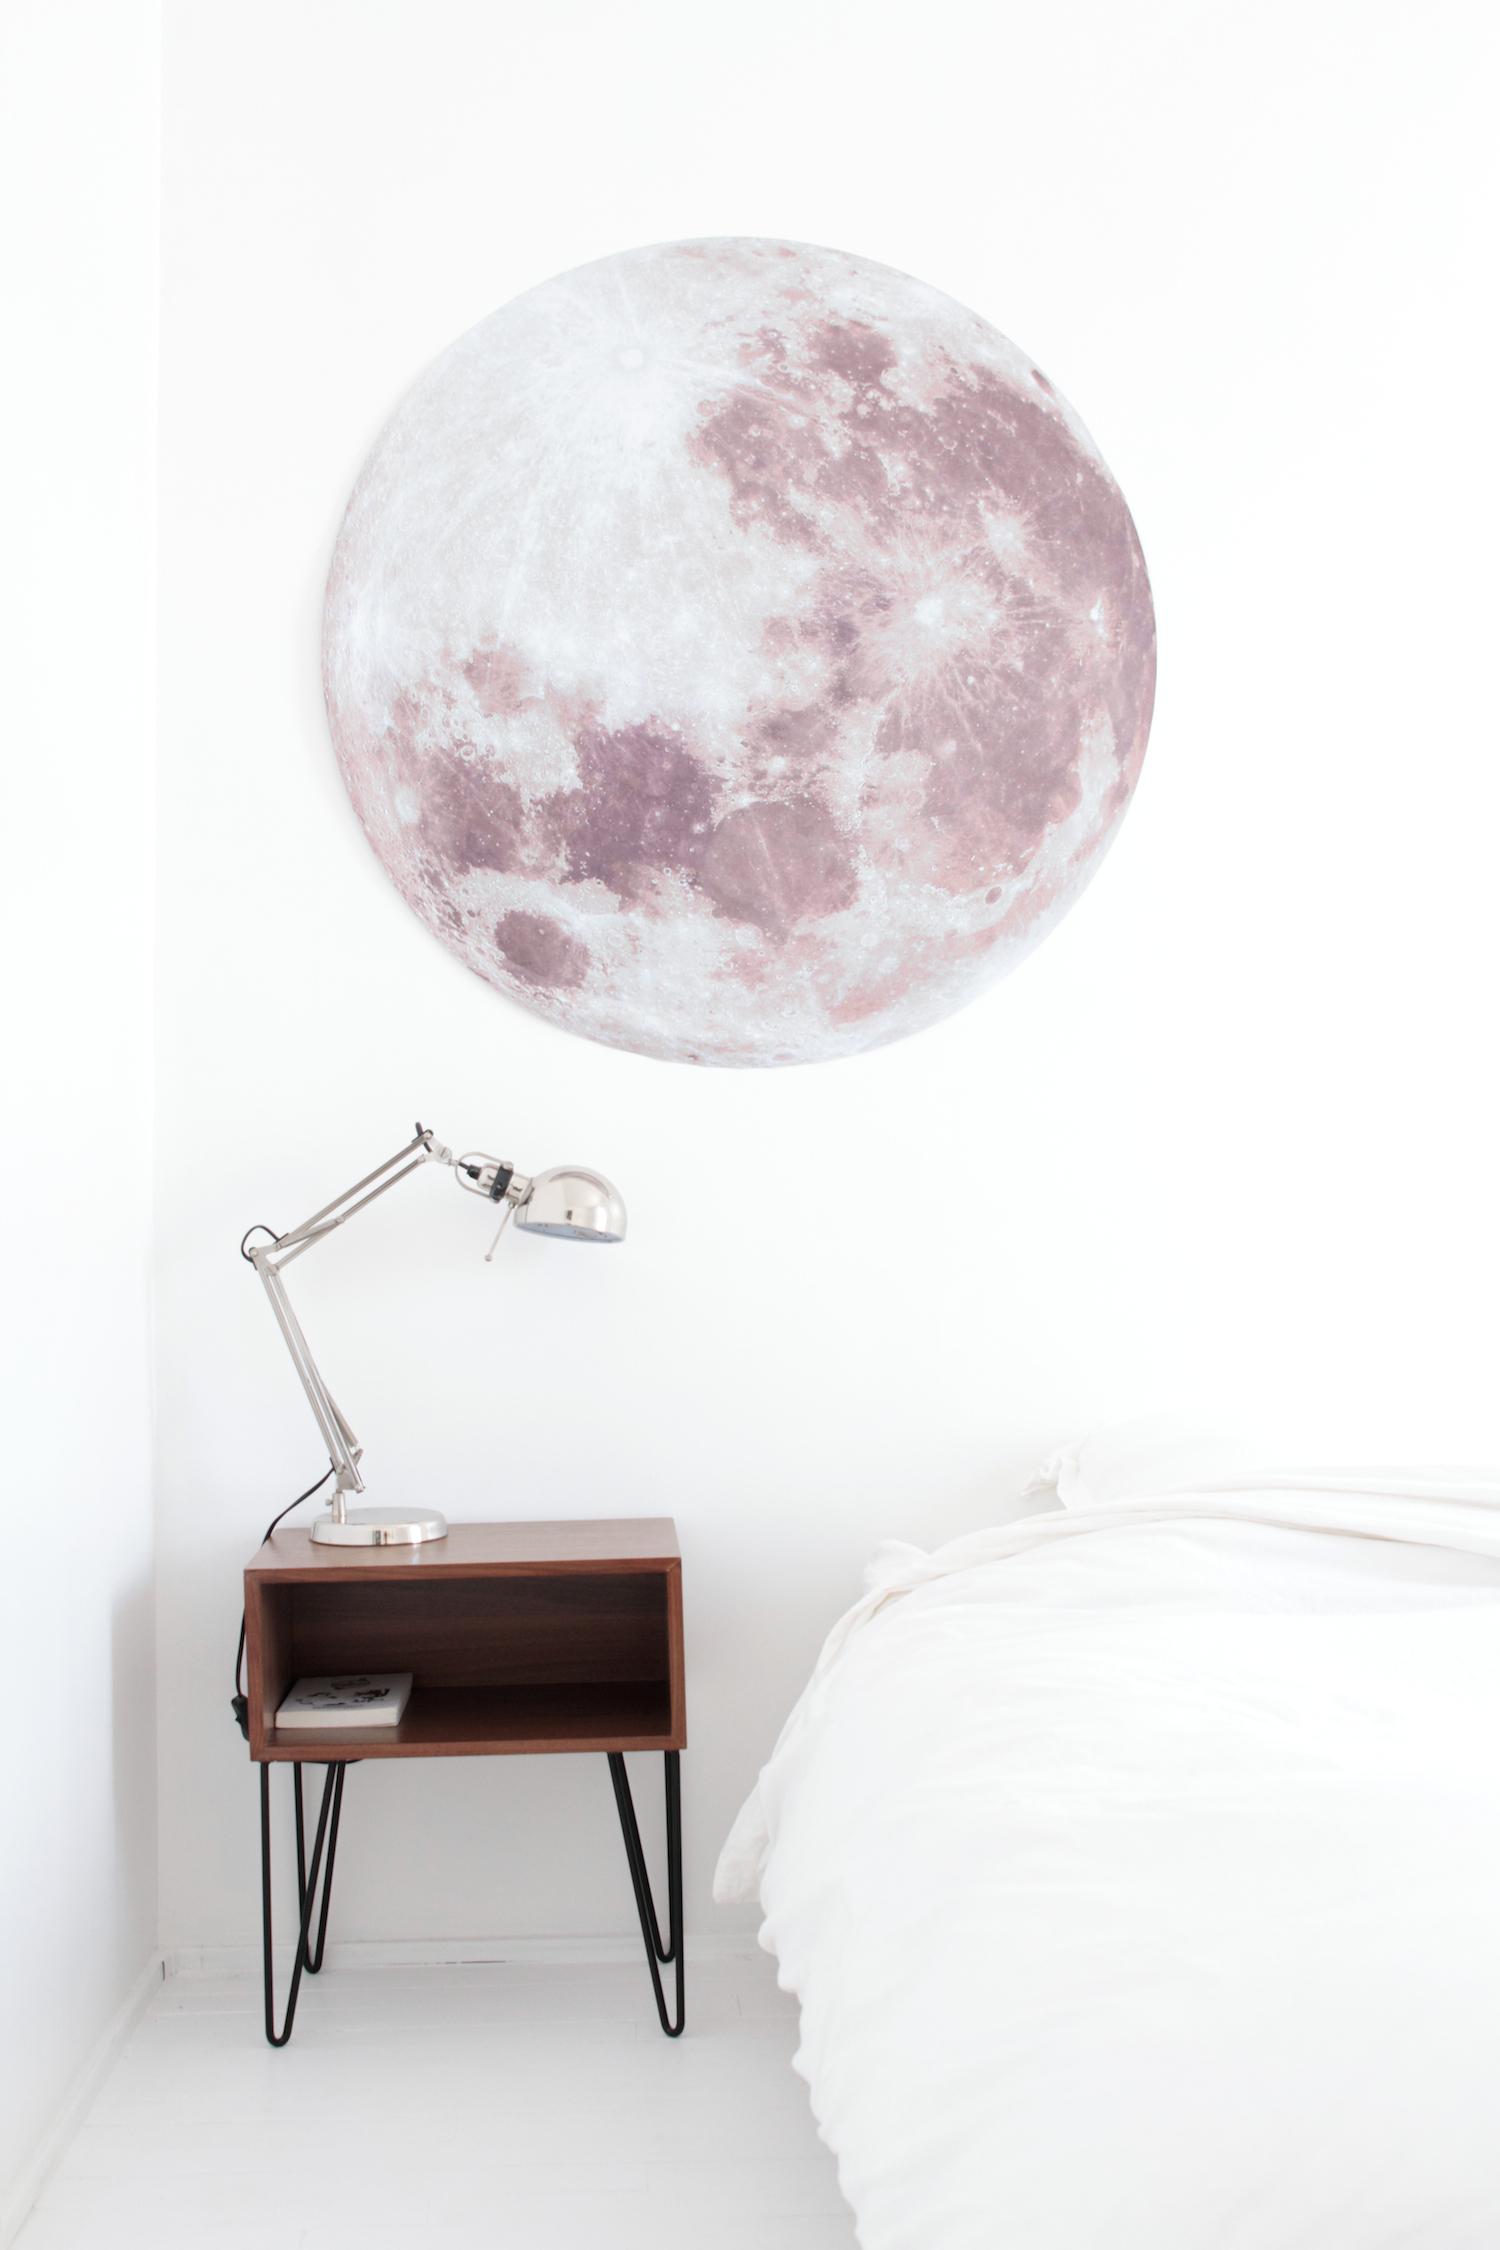 visite privee maison ville scandinave amelie christophe 2438 h ll blogzine. Black Bedroom Furniture Sets. Home Design Ideas